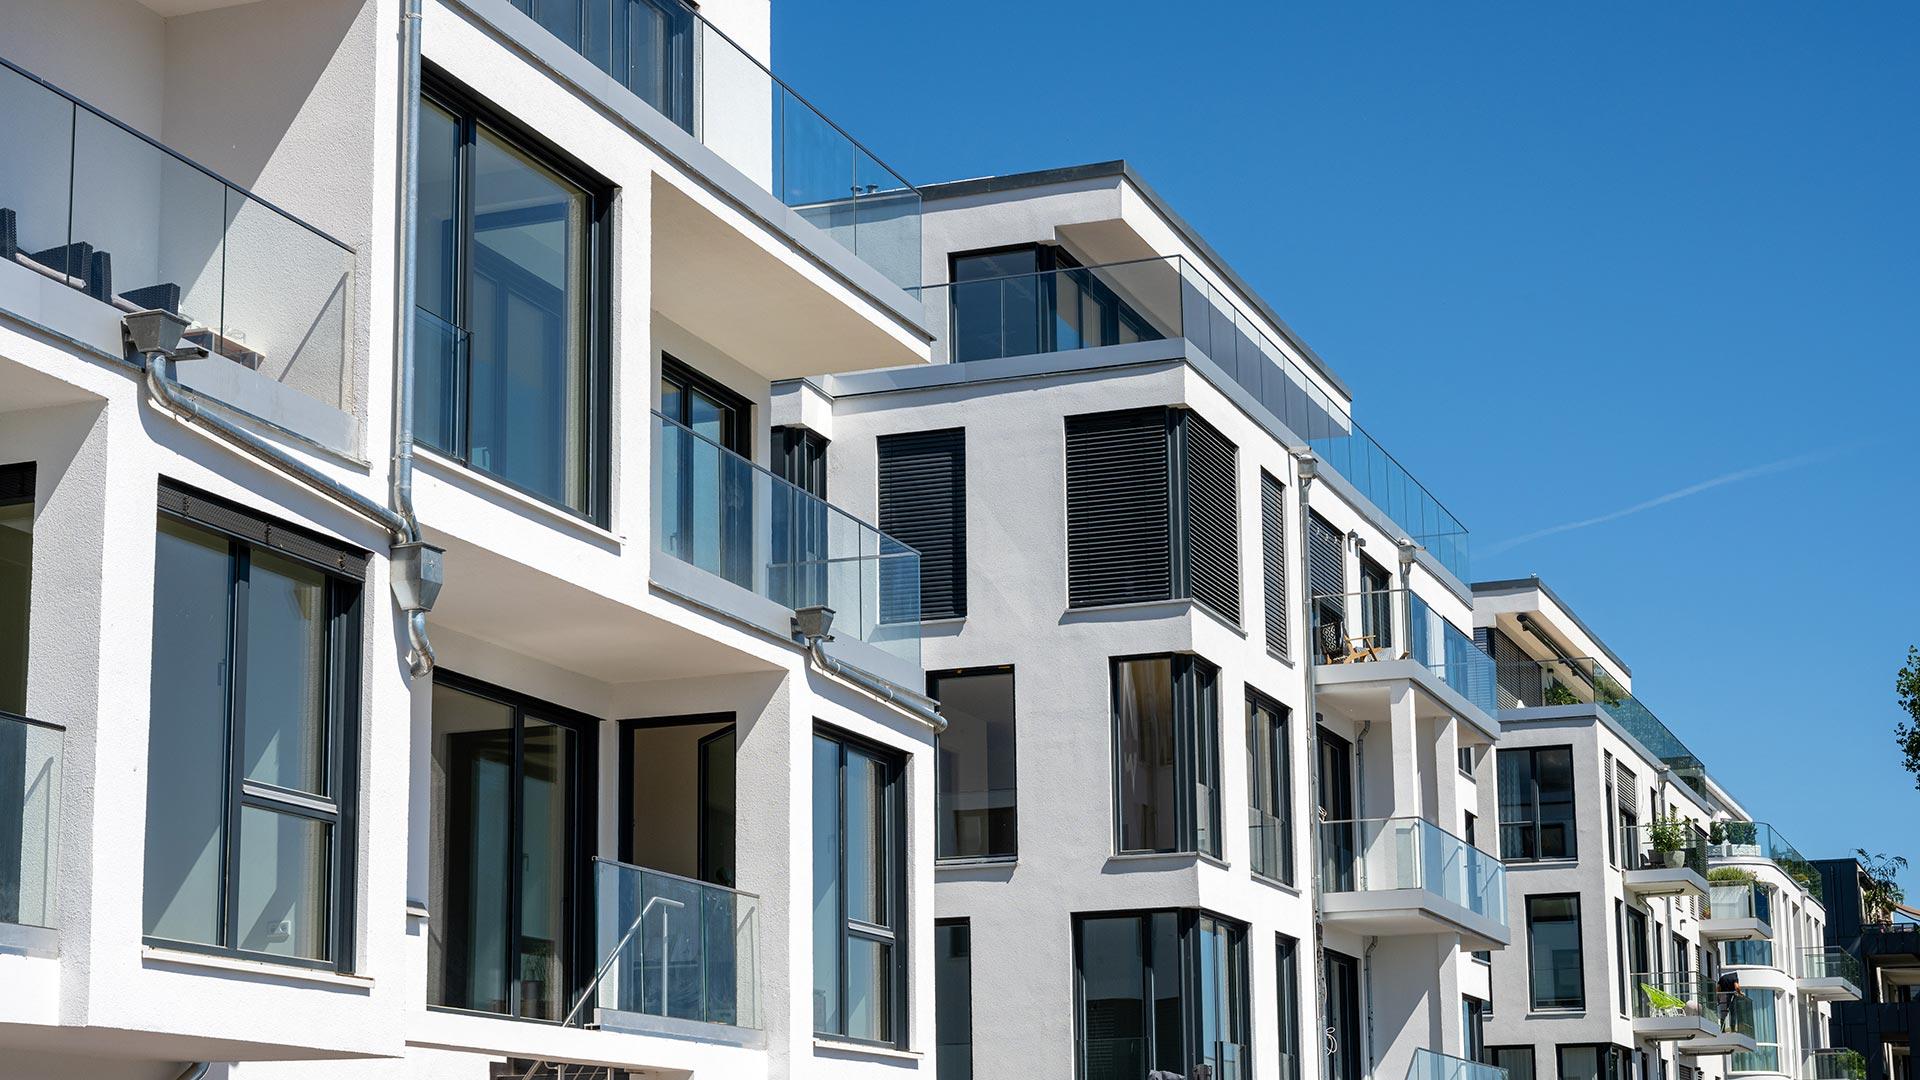 Finden Sie Ihr Traumhaus: mit LIZA IMMOBILIEN. Sie suchen das perfekte Eigenheim oder die lukrative Geldanlage? Schildern Sie mir Ihre Wünsche und Vorstellungen: Ich finde für Sie die passende Immobilie.